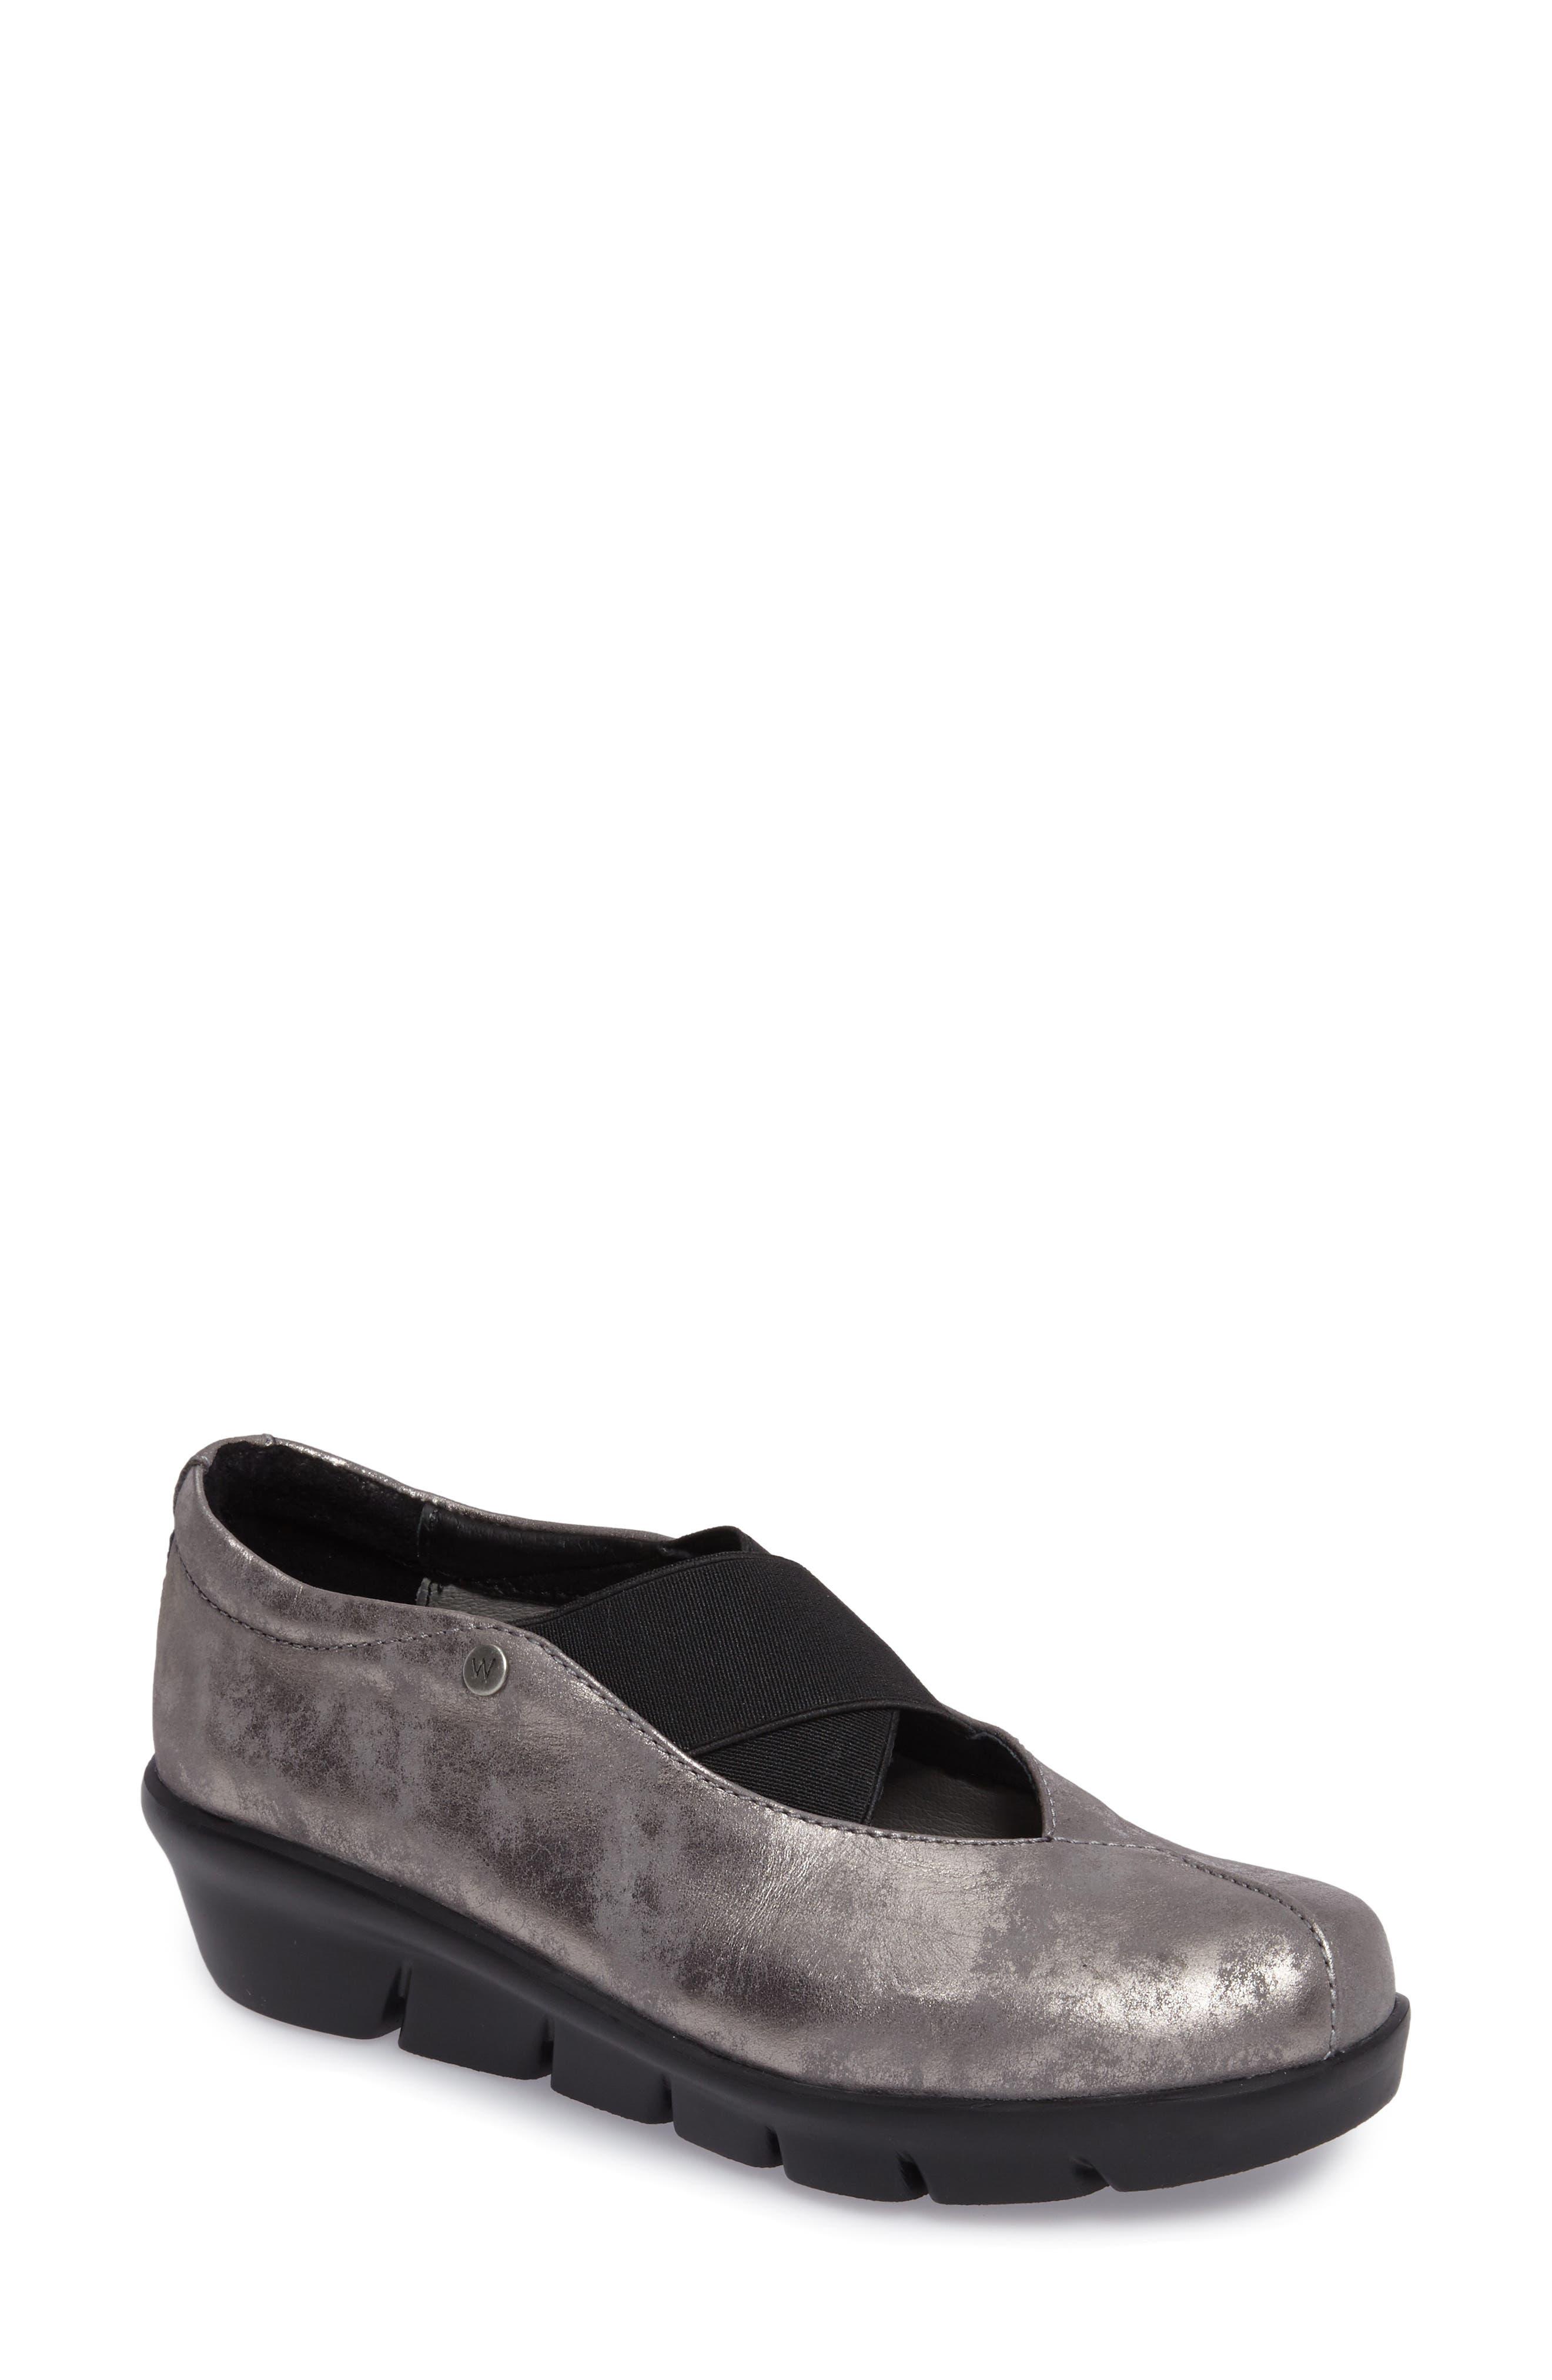 Main Image - Wolky Cursa Slip-On Sneaker (Women)